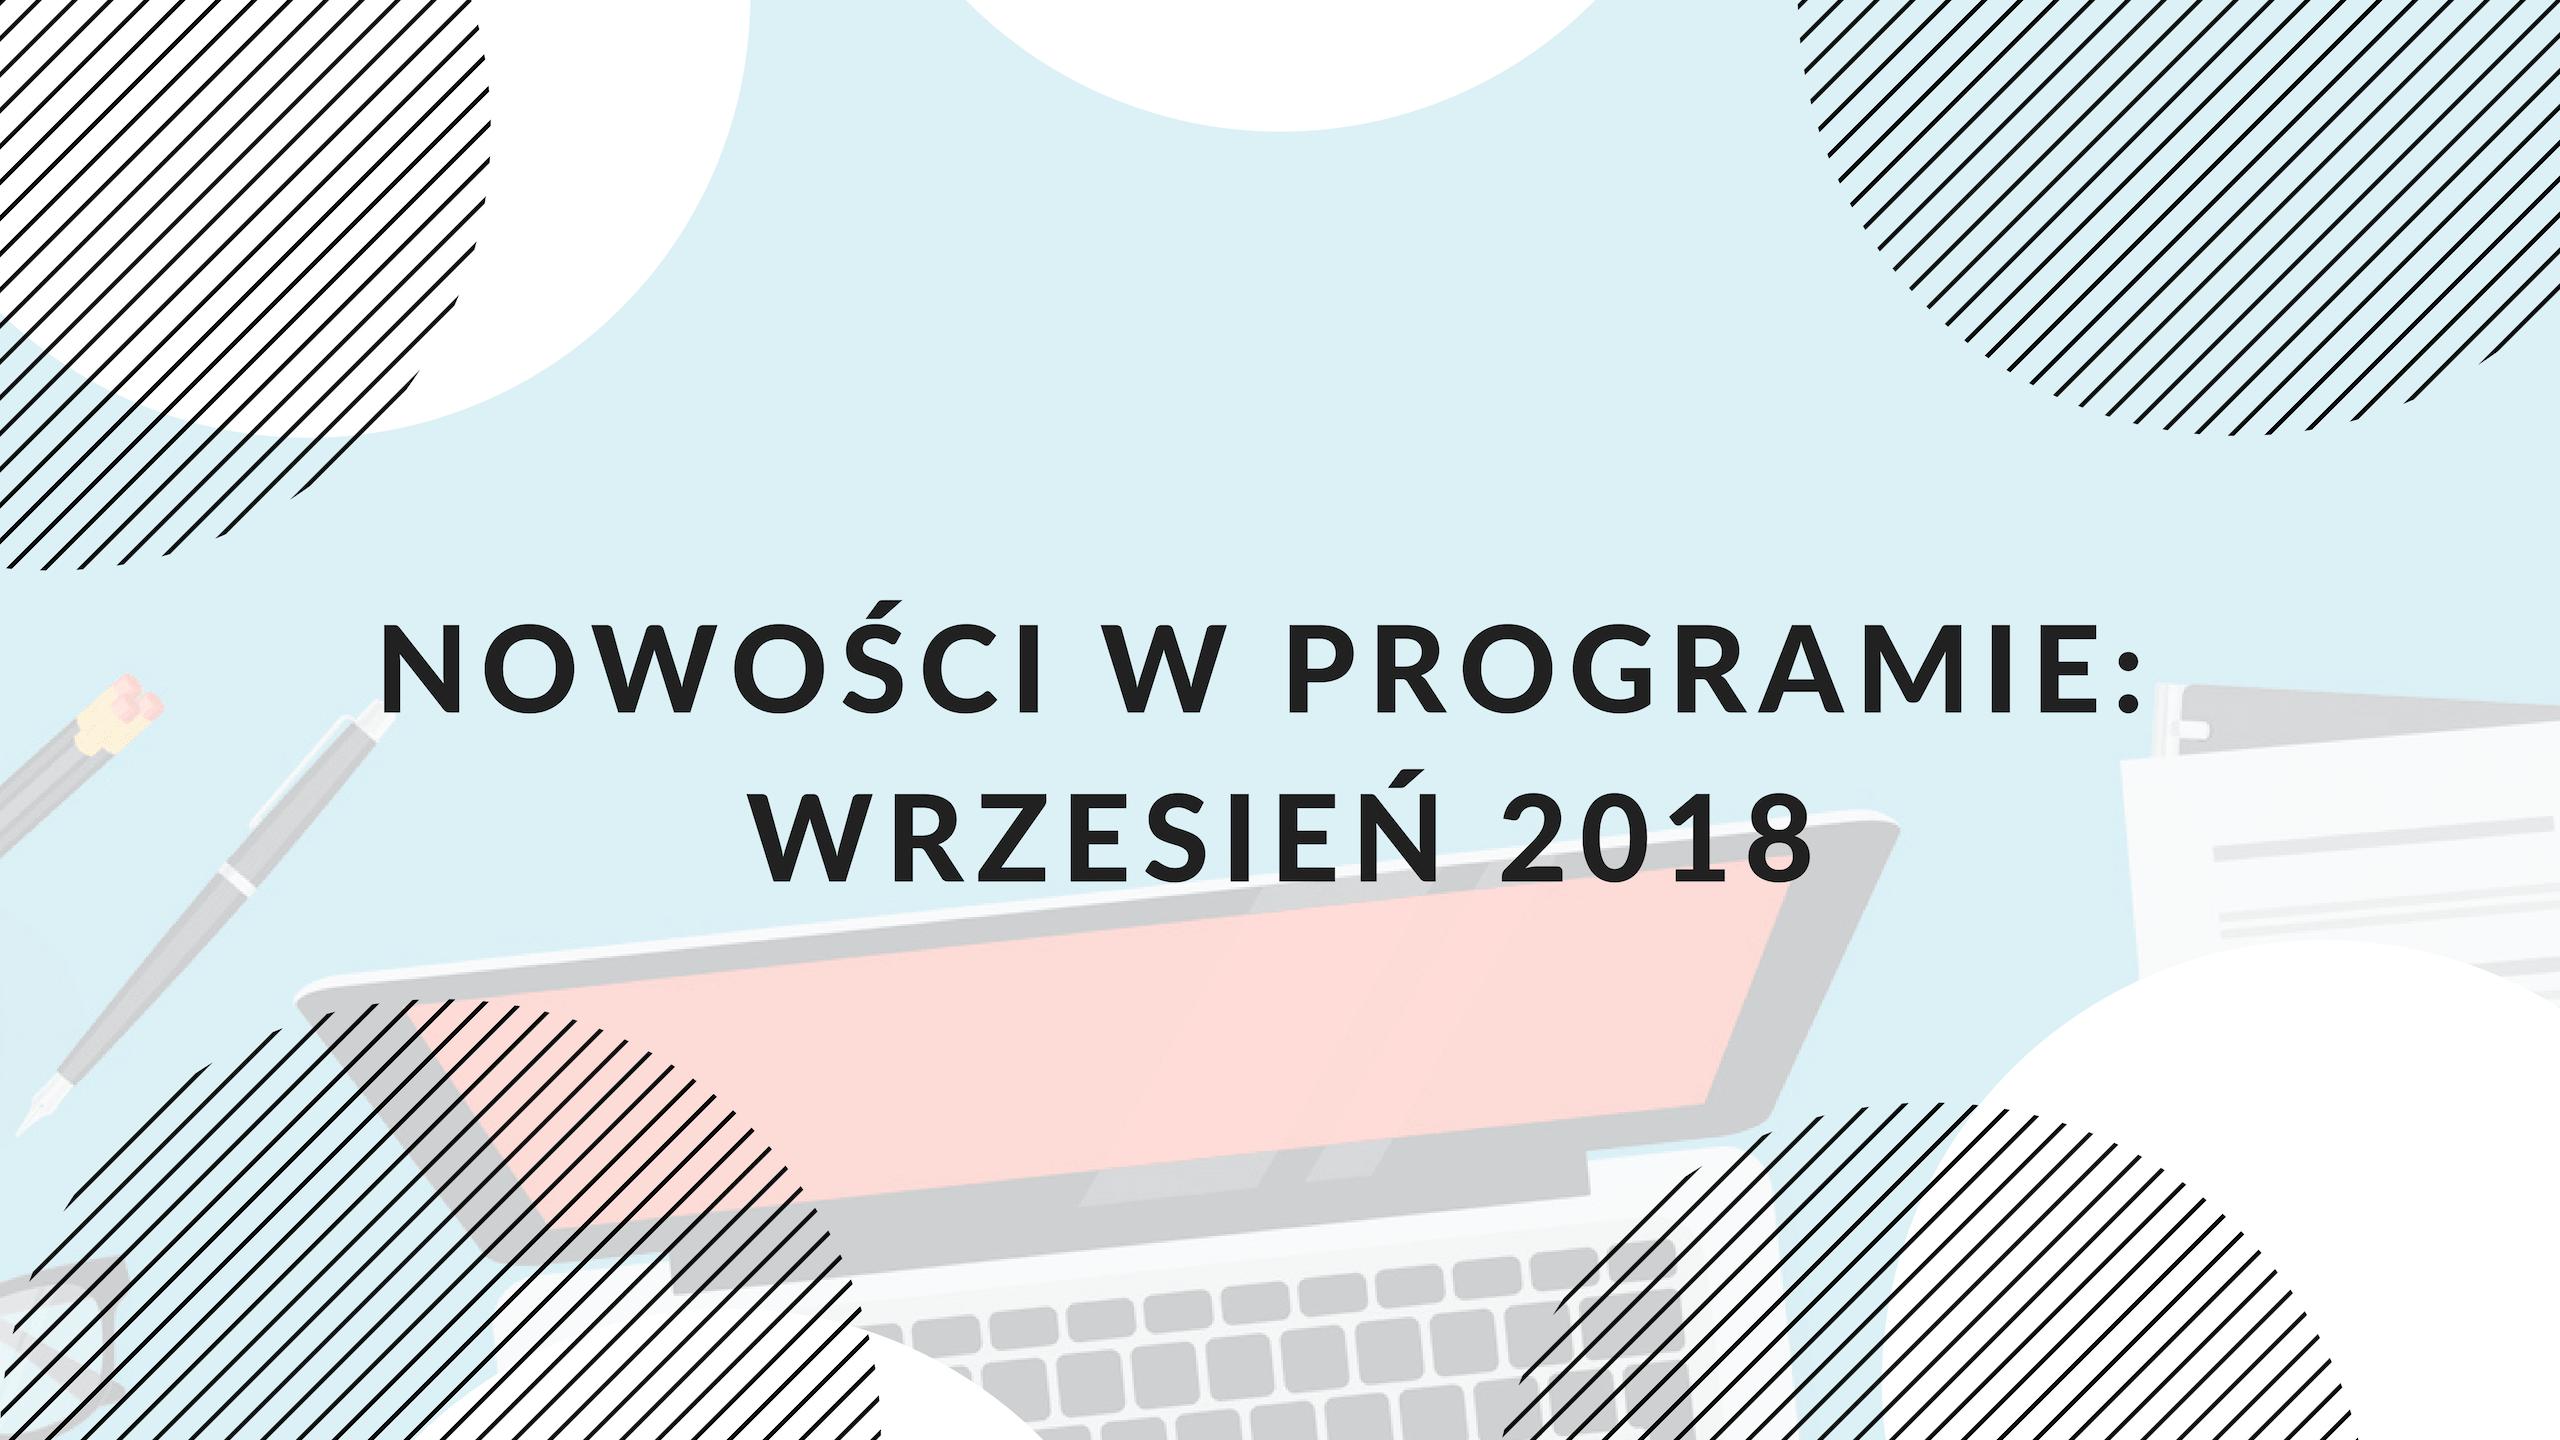 Nowe funkcjonalności w programie: wrzesień 2018